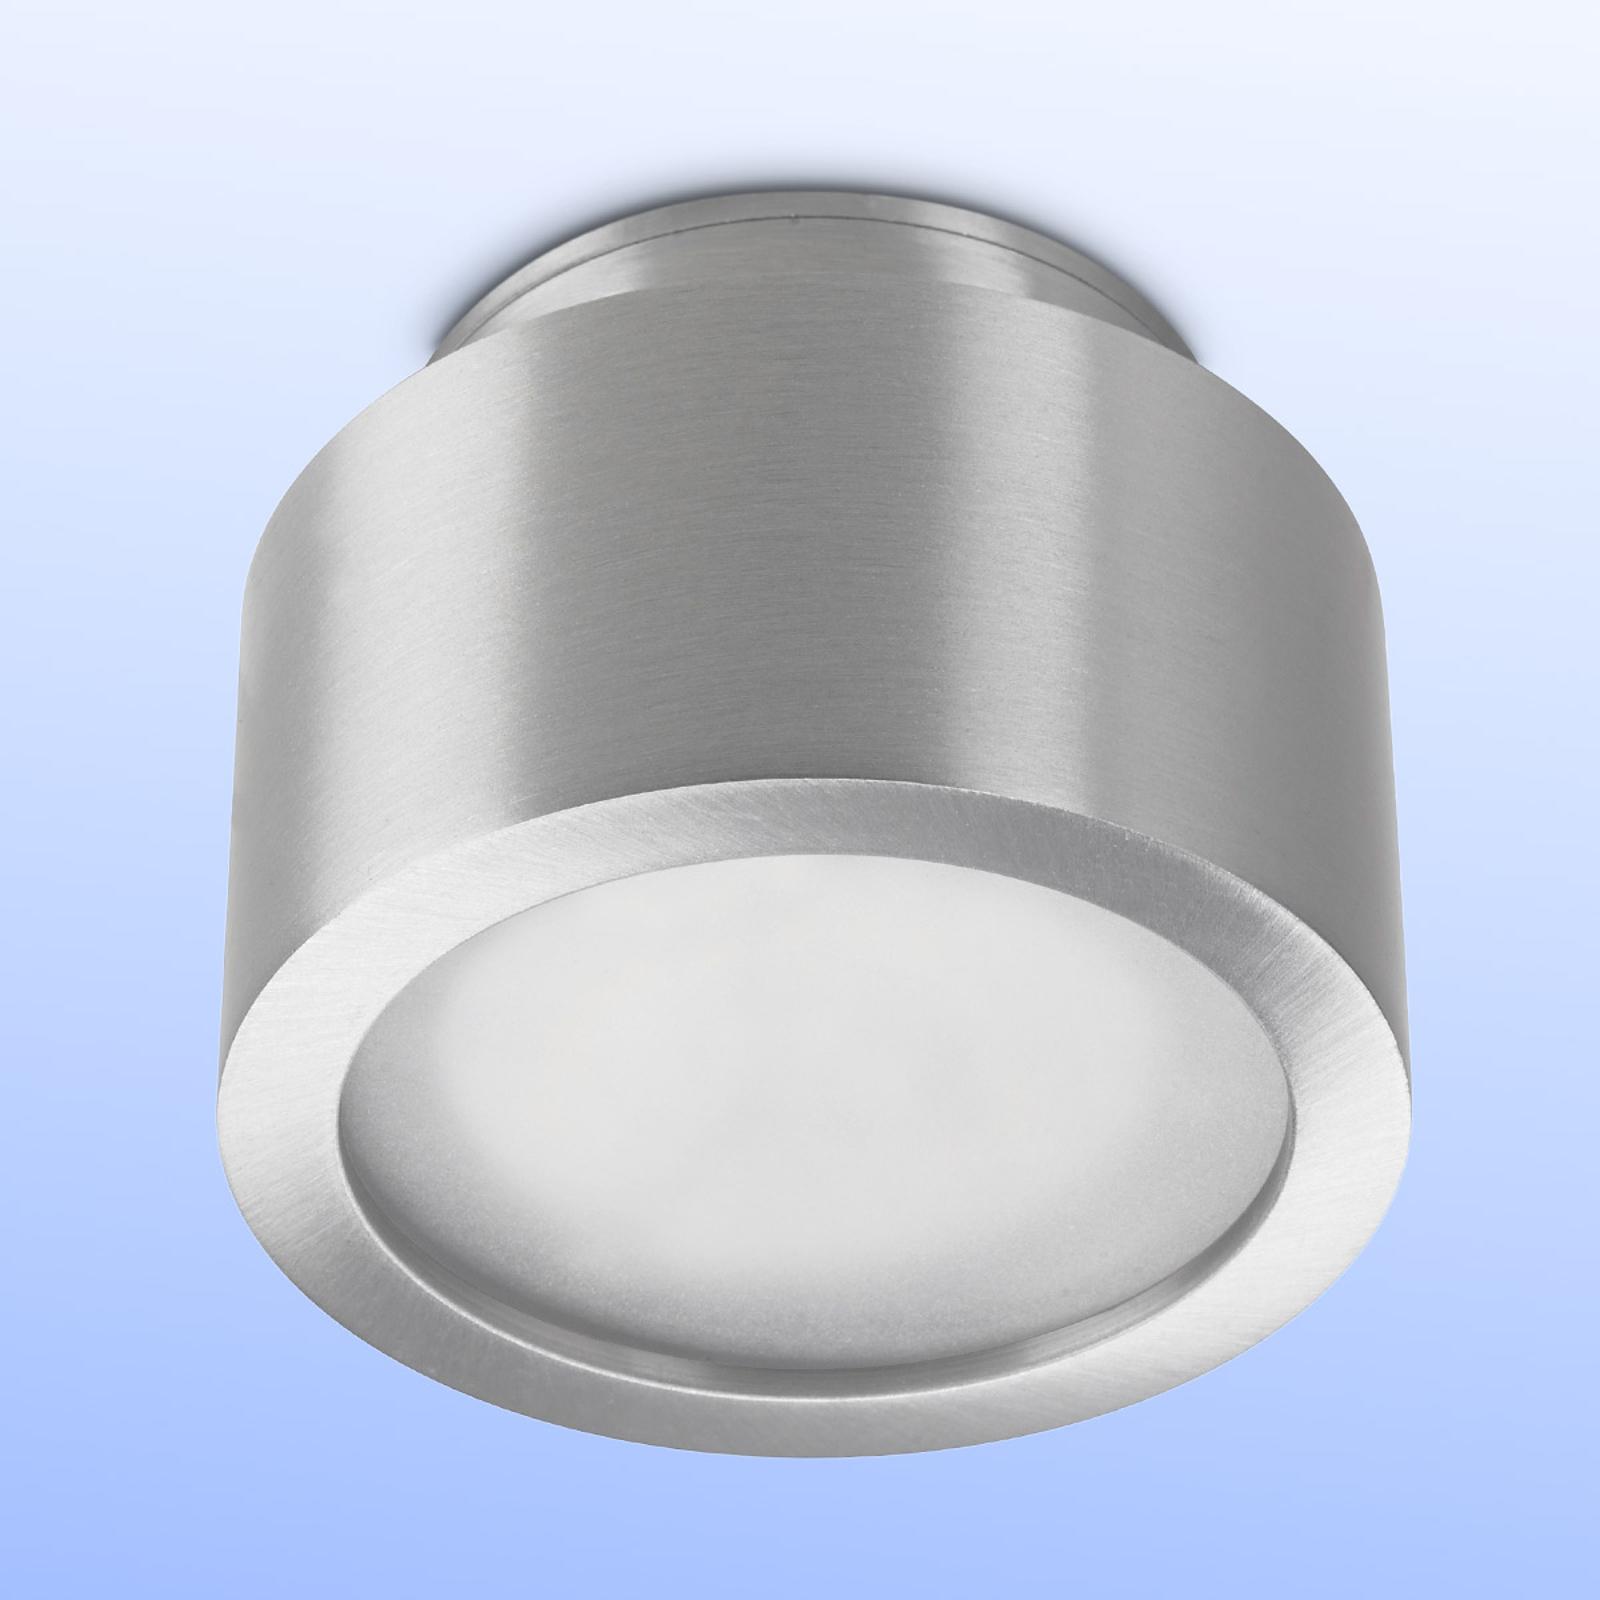 Miniplafon - hængelampe til badet med LED